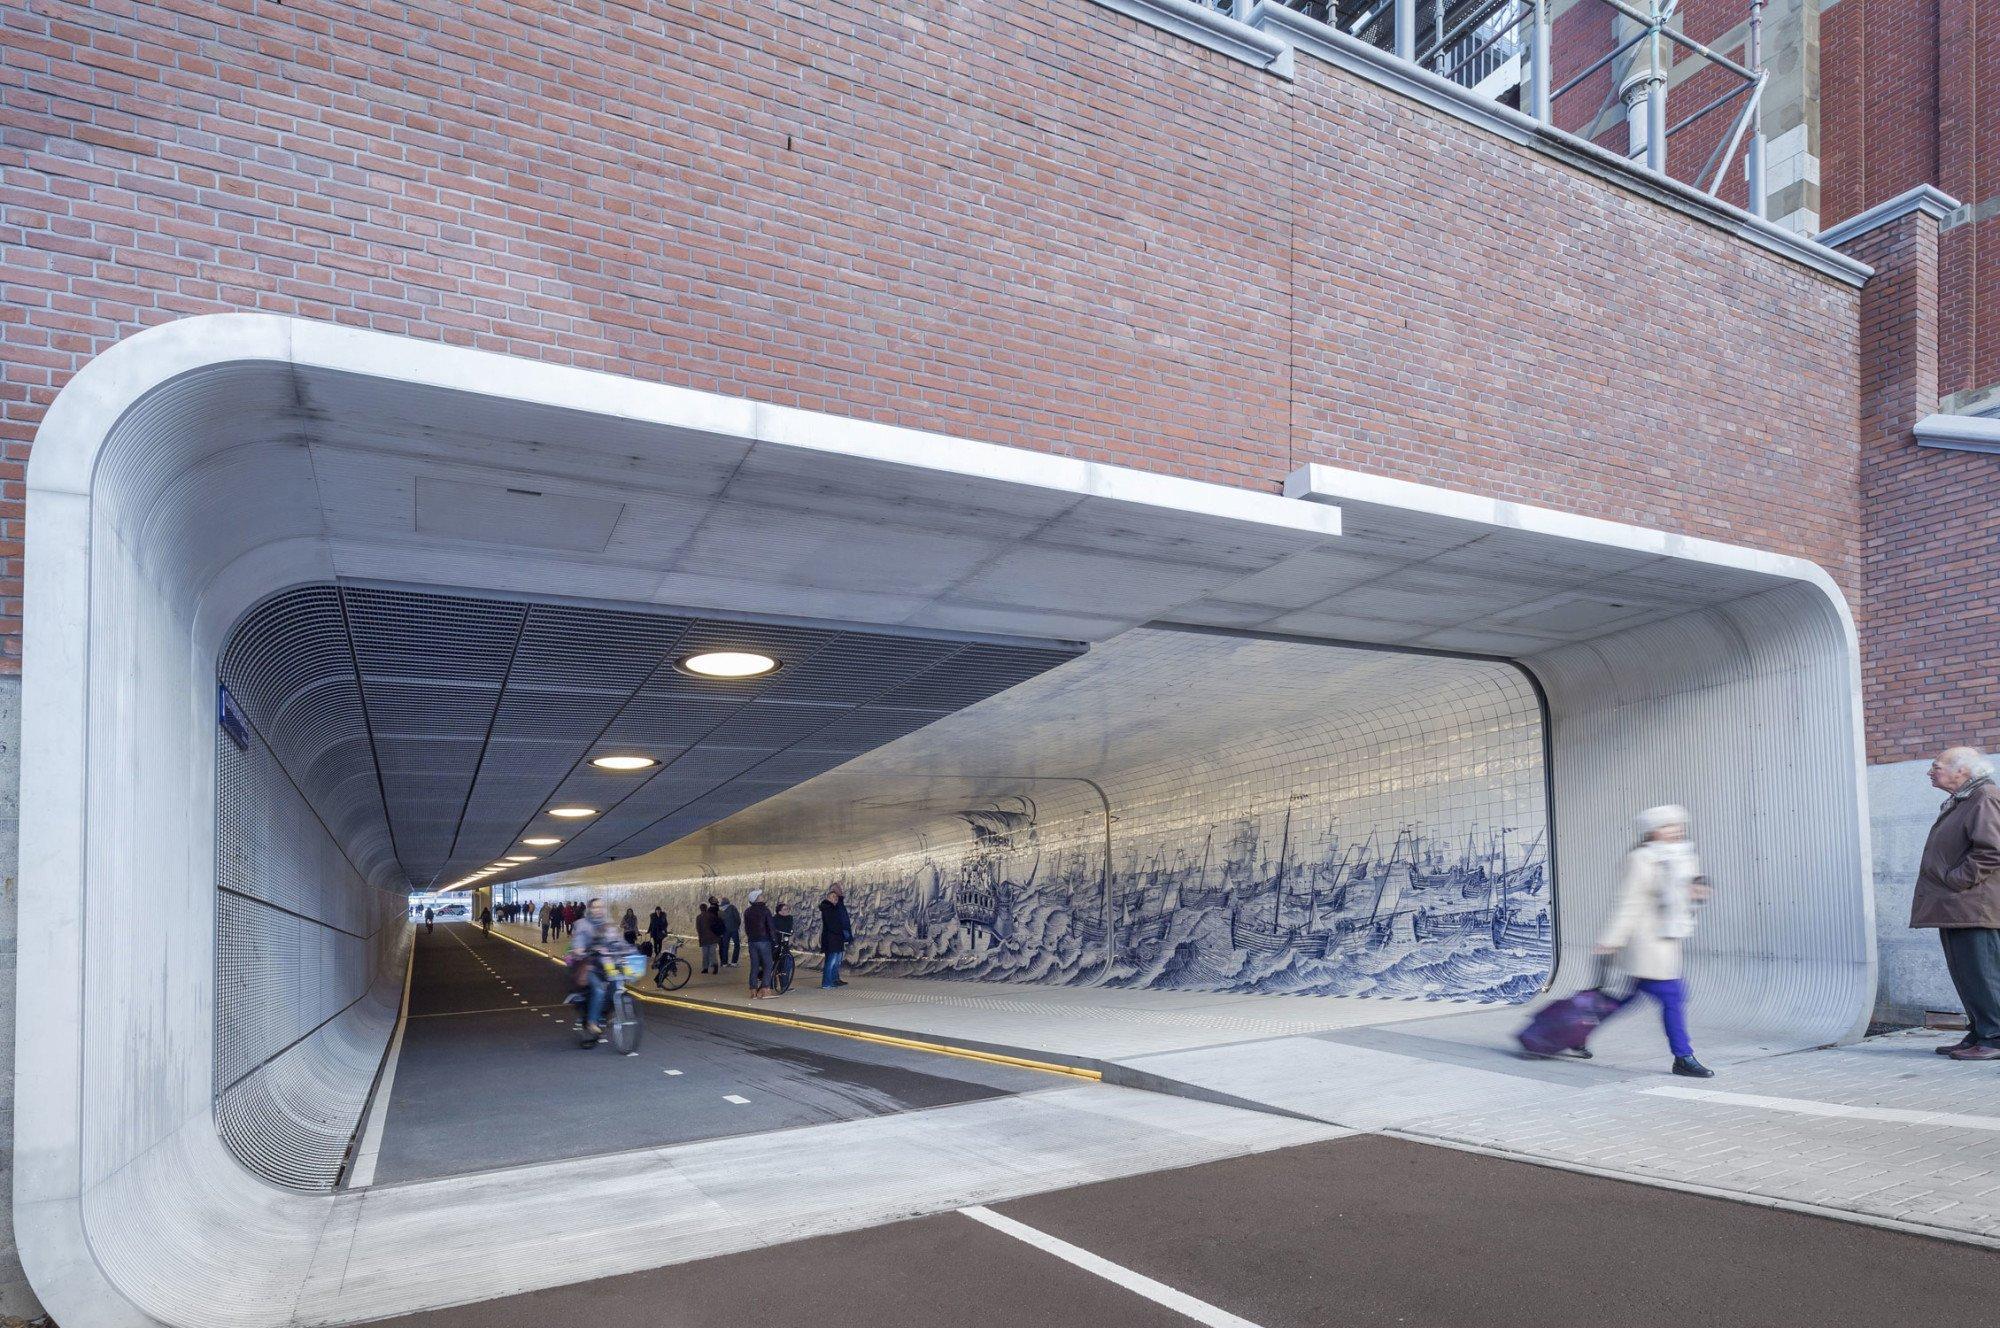 Südlicher Tunnelzugang: Es Scheint, Als Sei Die Passage Einmal Längs  Durchgeschnitten Und Dann Leicht Höhenversetzt Wieder Aneinandergefügt  Worden